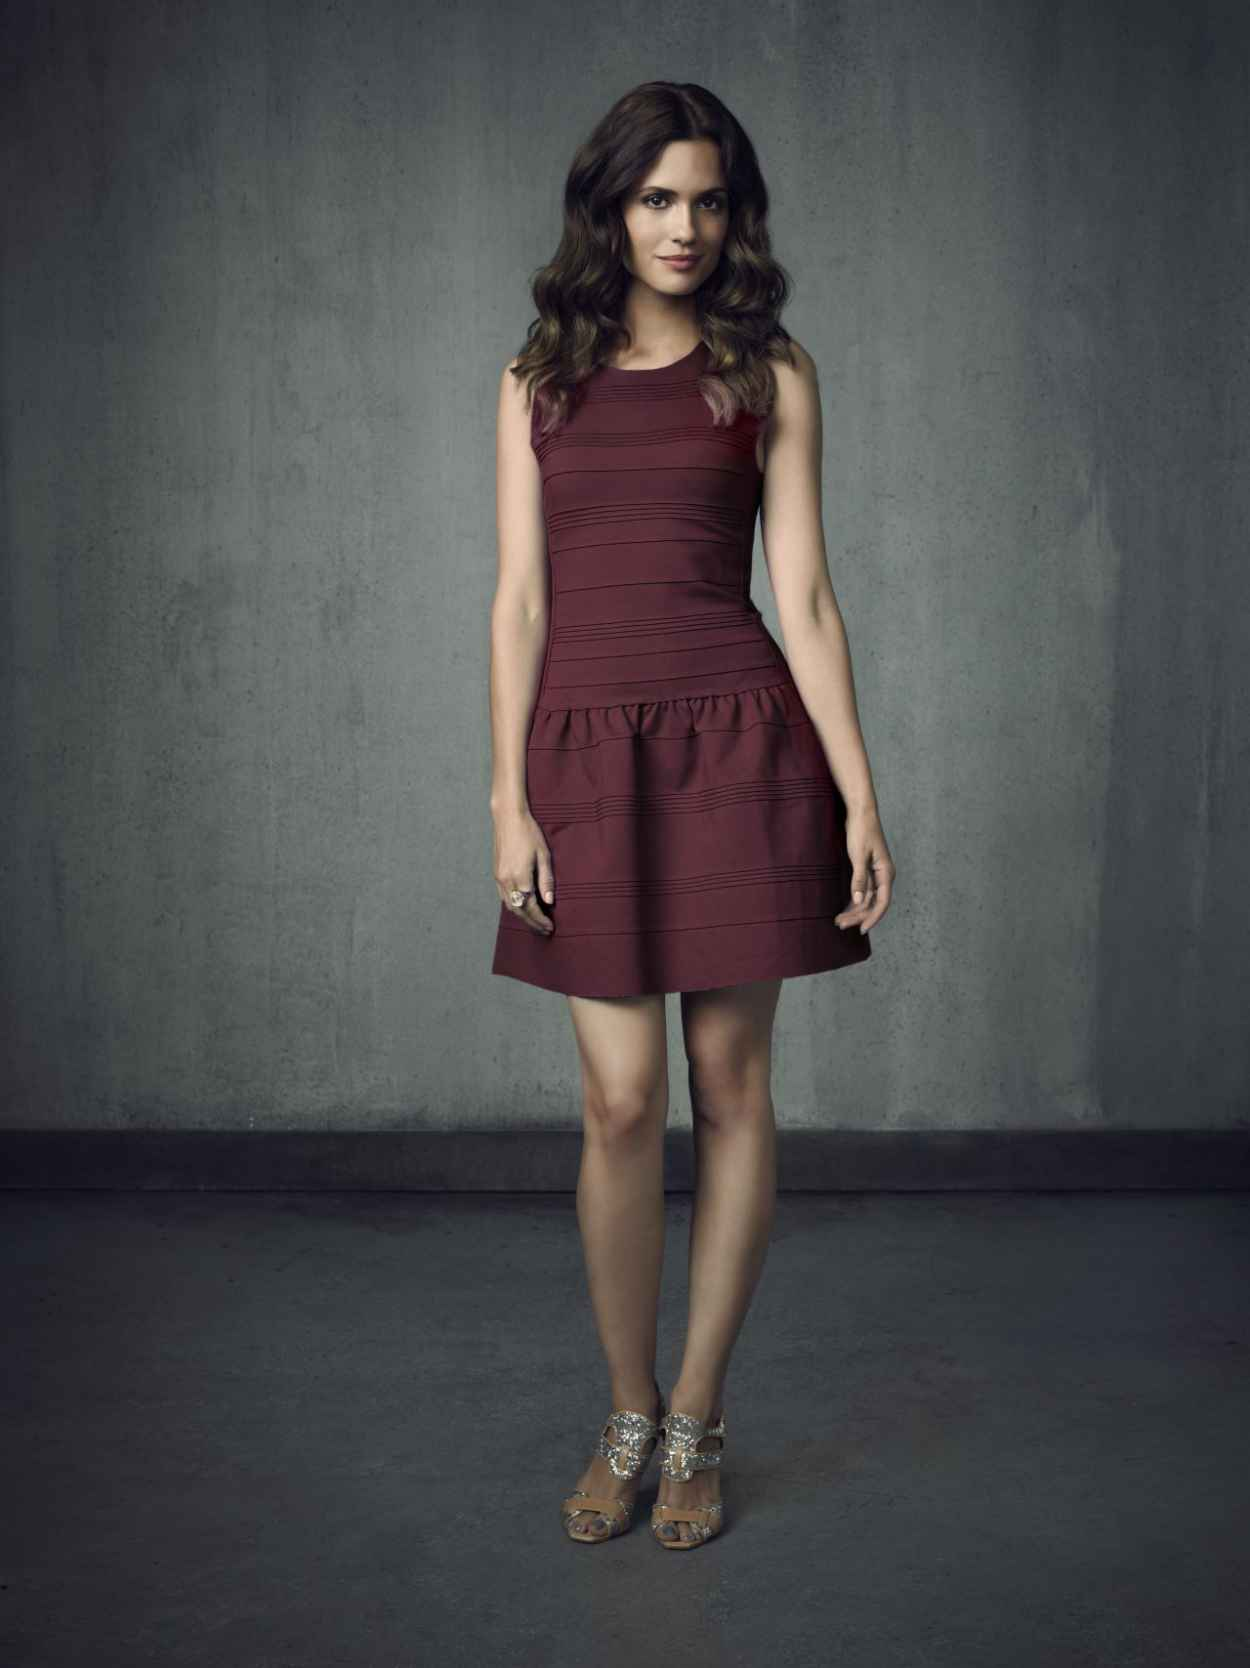 Torrey DeVitto - -The Vampire Diaries- TV Series - Season 4 Promo Photos-3